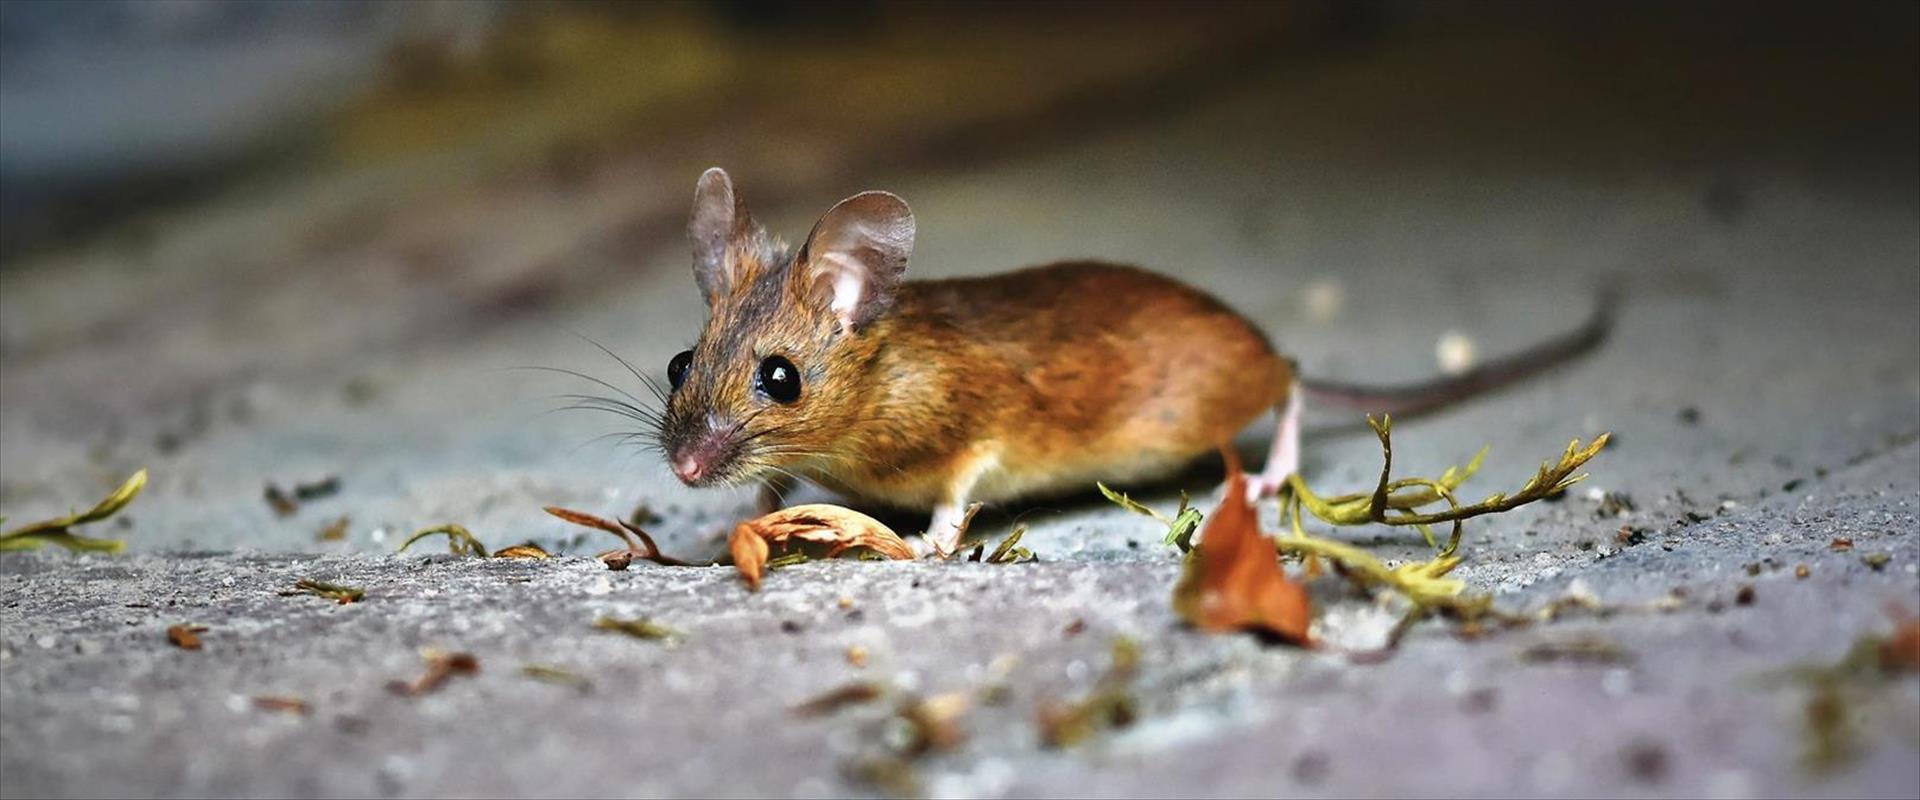 הגורם, ככלה הנראה, הפרשות עכברים וחולדות בבית